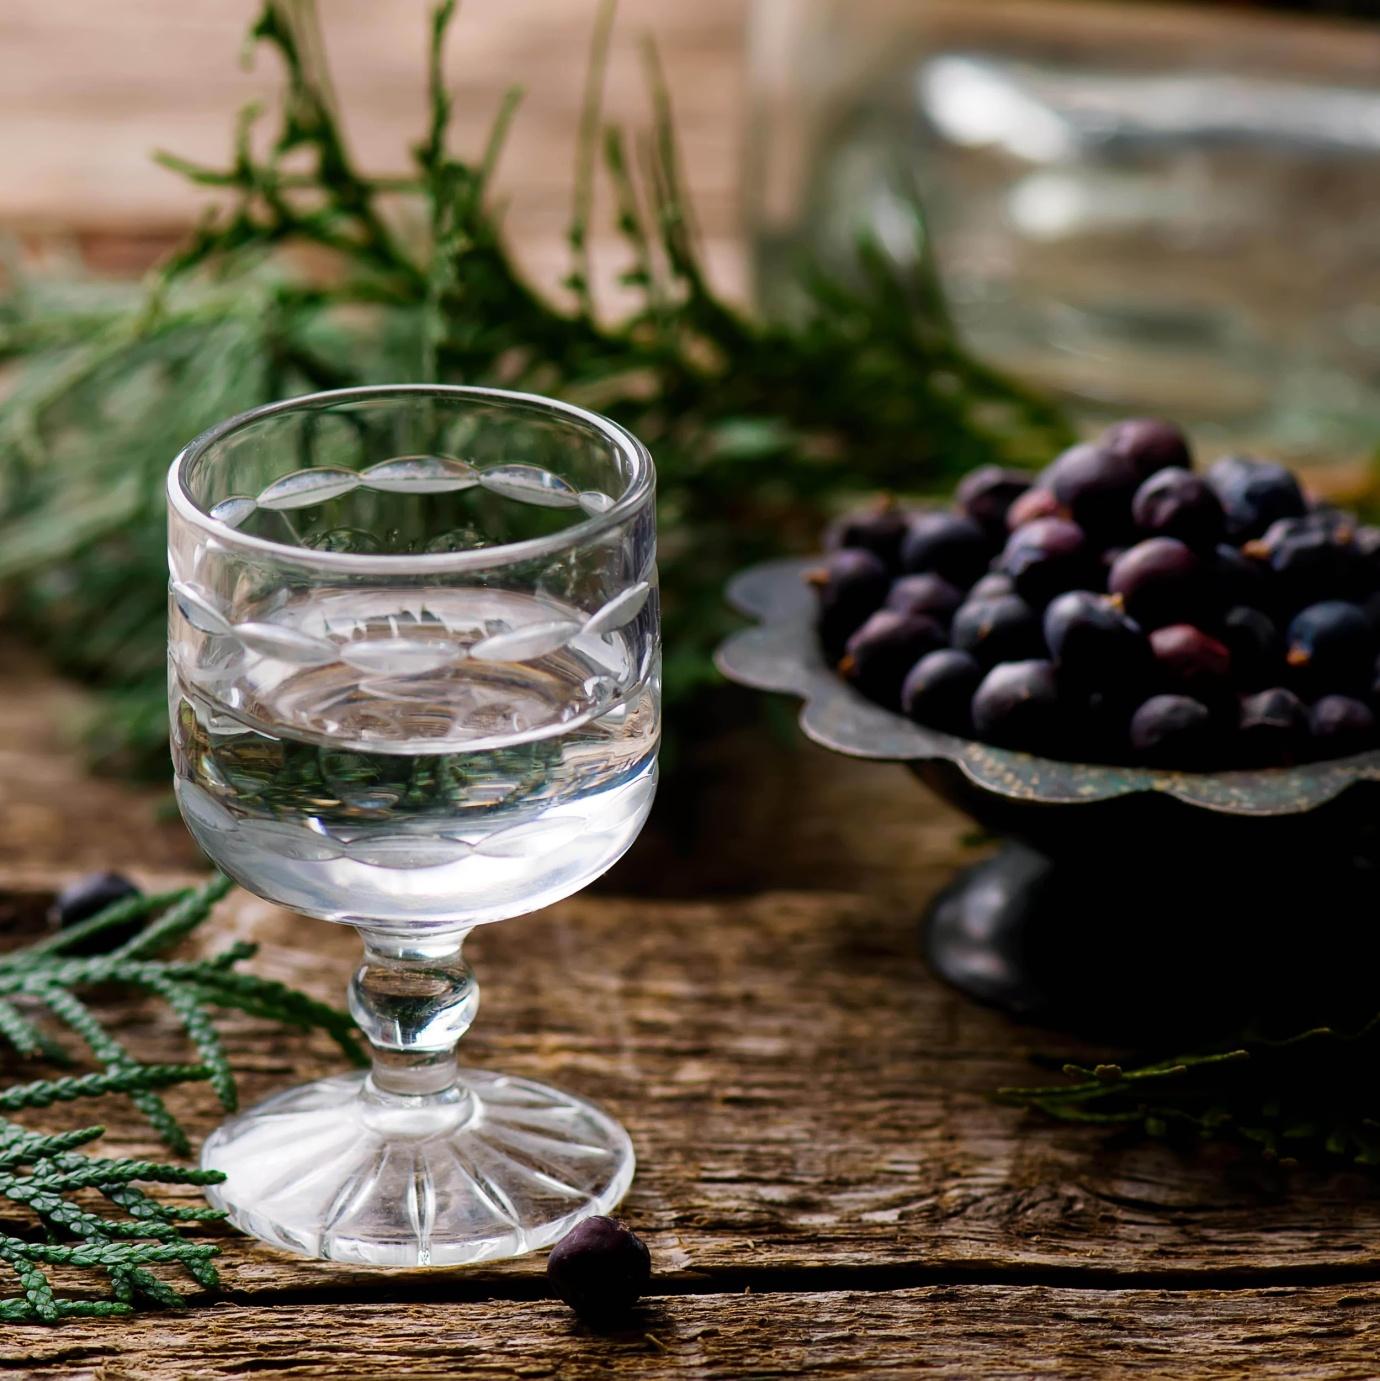 Можжевеловая настойка на самогоне: рецепты и особенности